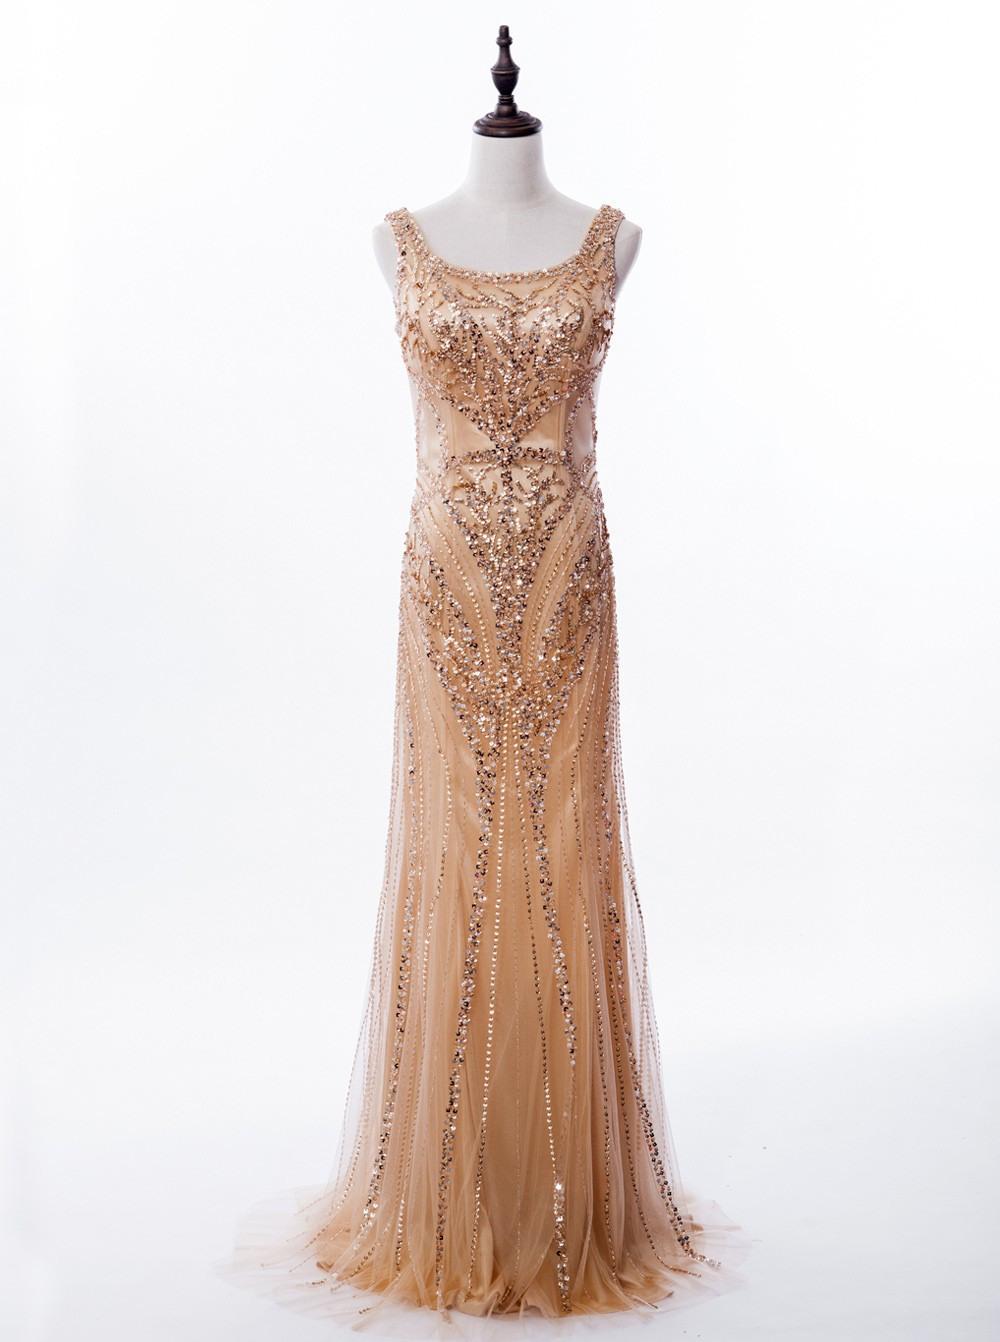 13 Genial Abendkleid Pailletten Spezialgebiet20 Elegant Abendkleid Pailletten Design